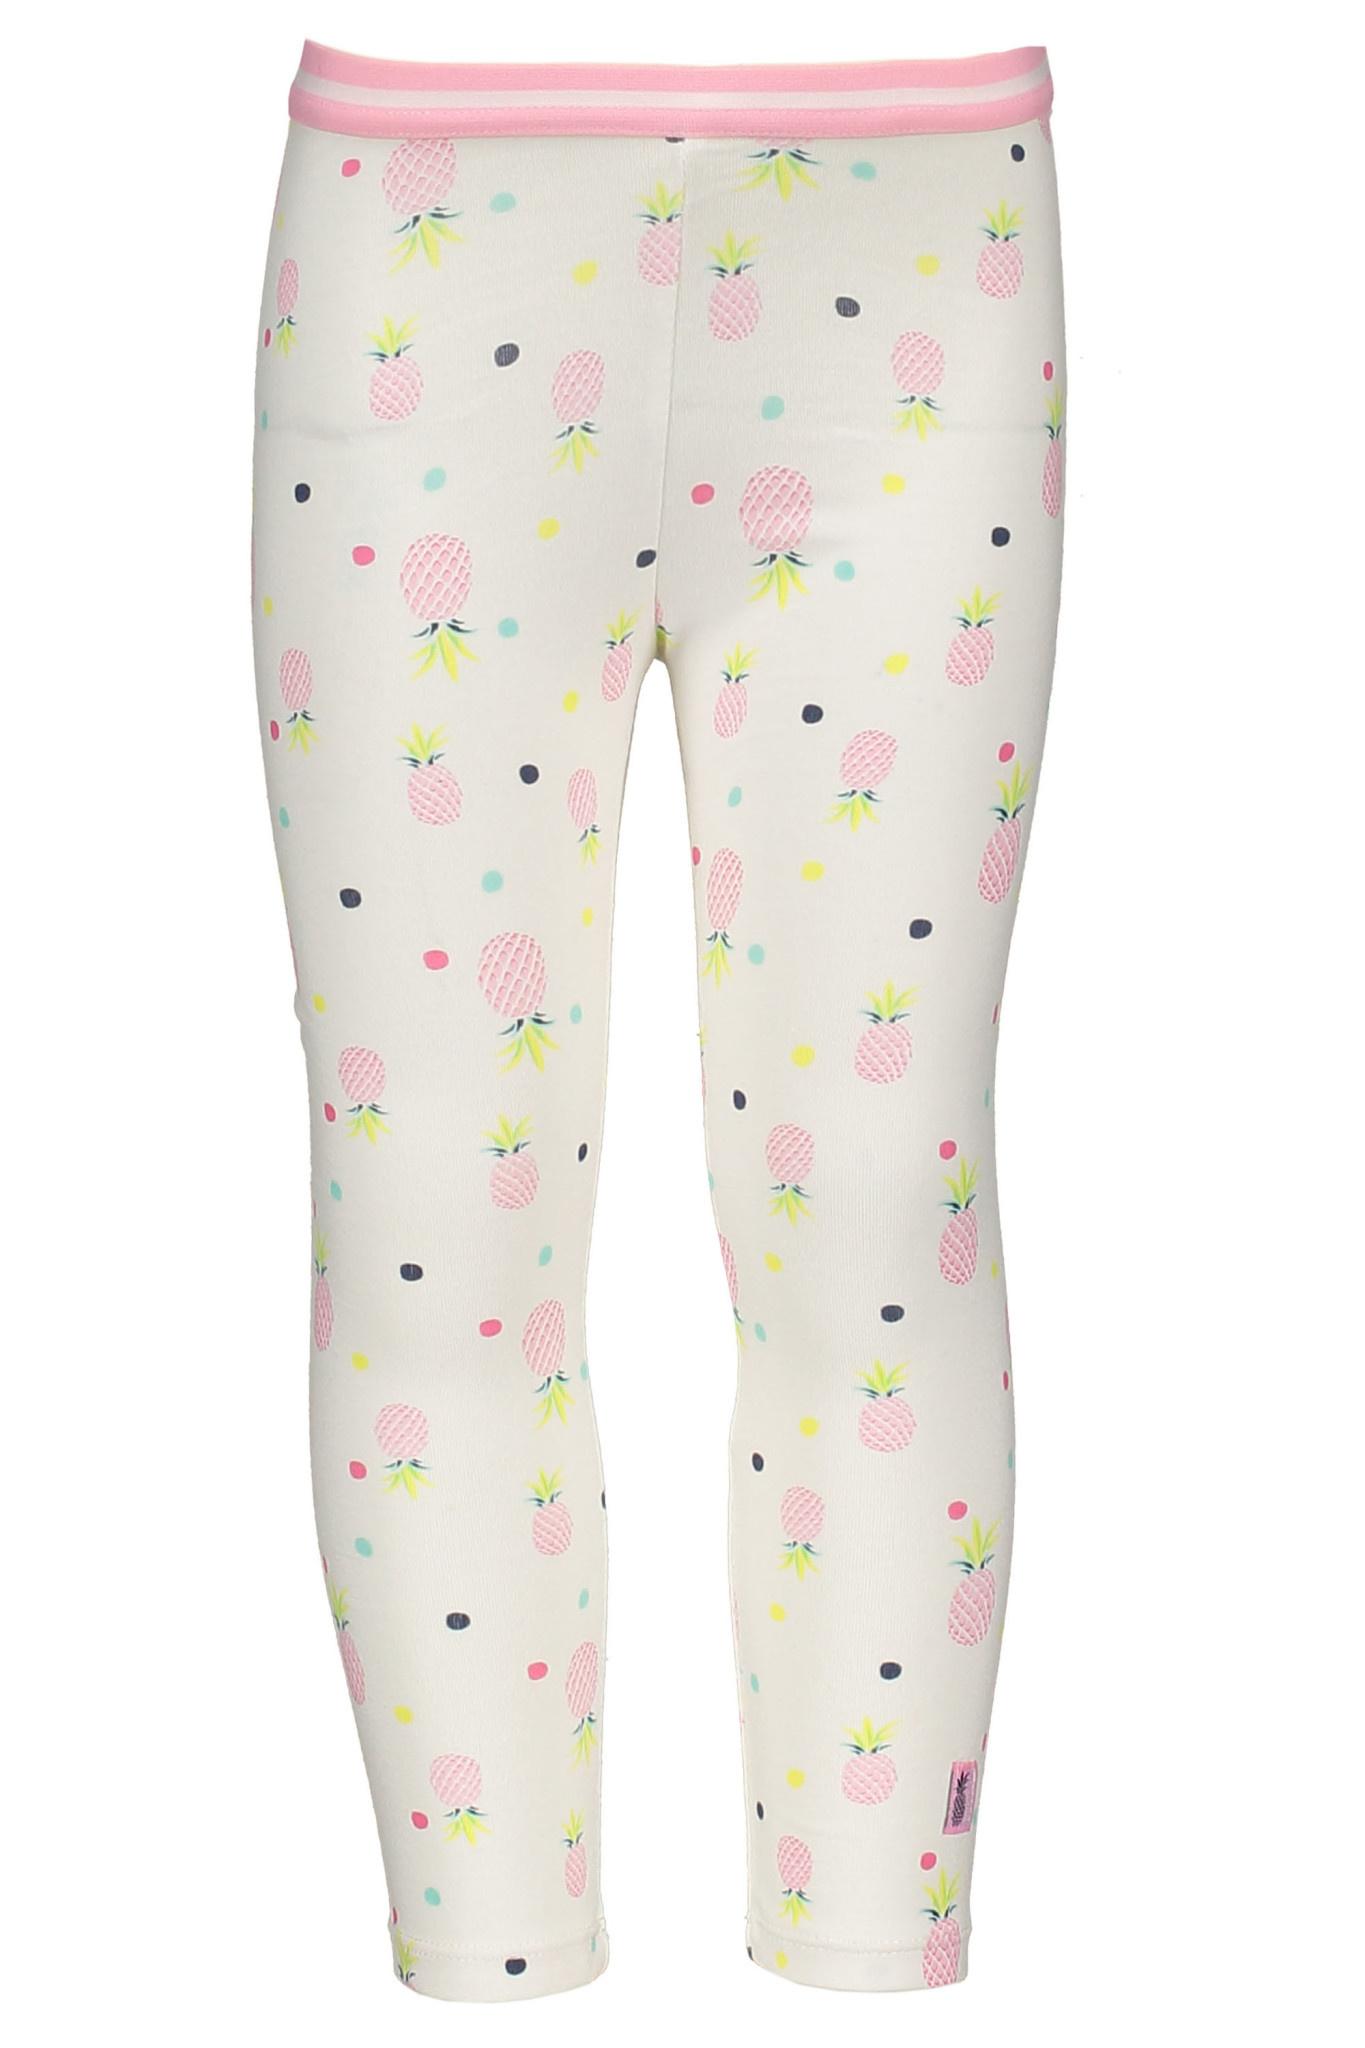 Bampidano Bampidano legging ao print + elastic waist pink ao